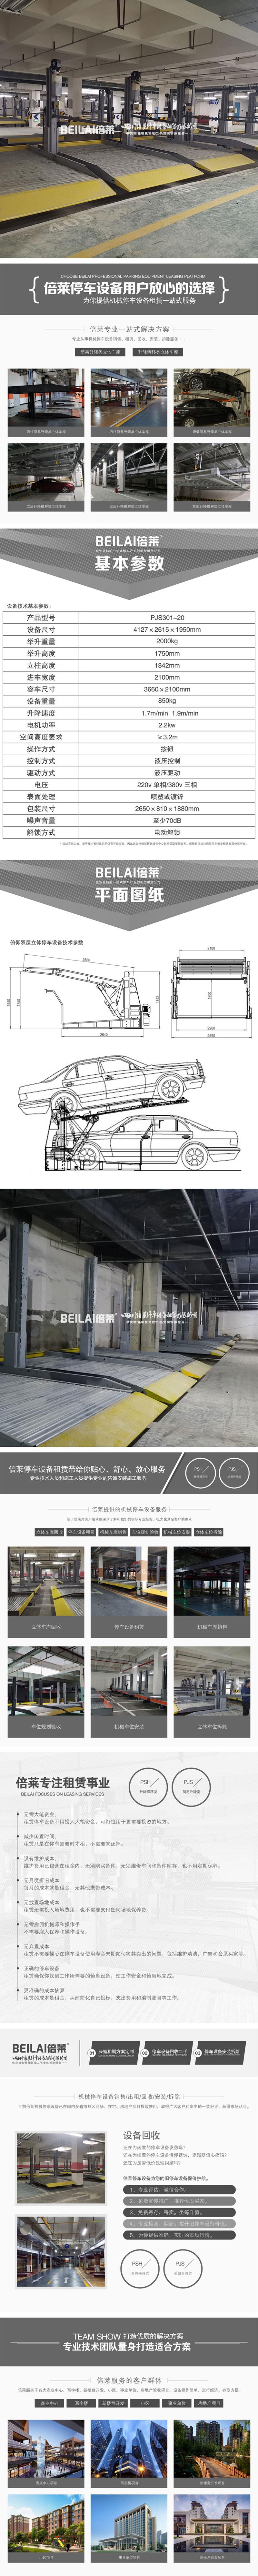 甘肅簡易立體車庫拆除鎮沅機械立體車庫廠家倍萊簡易升降式立體車